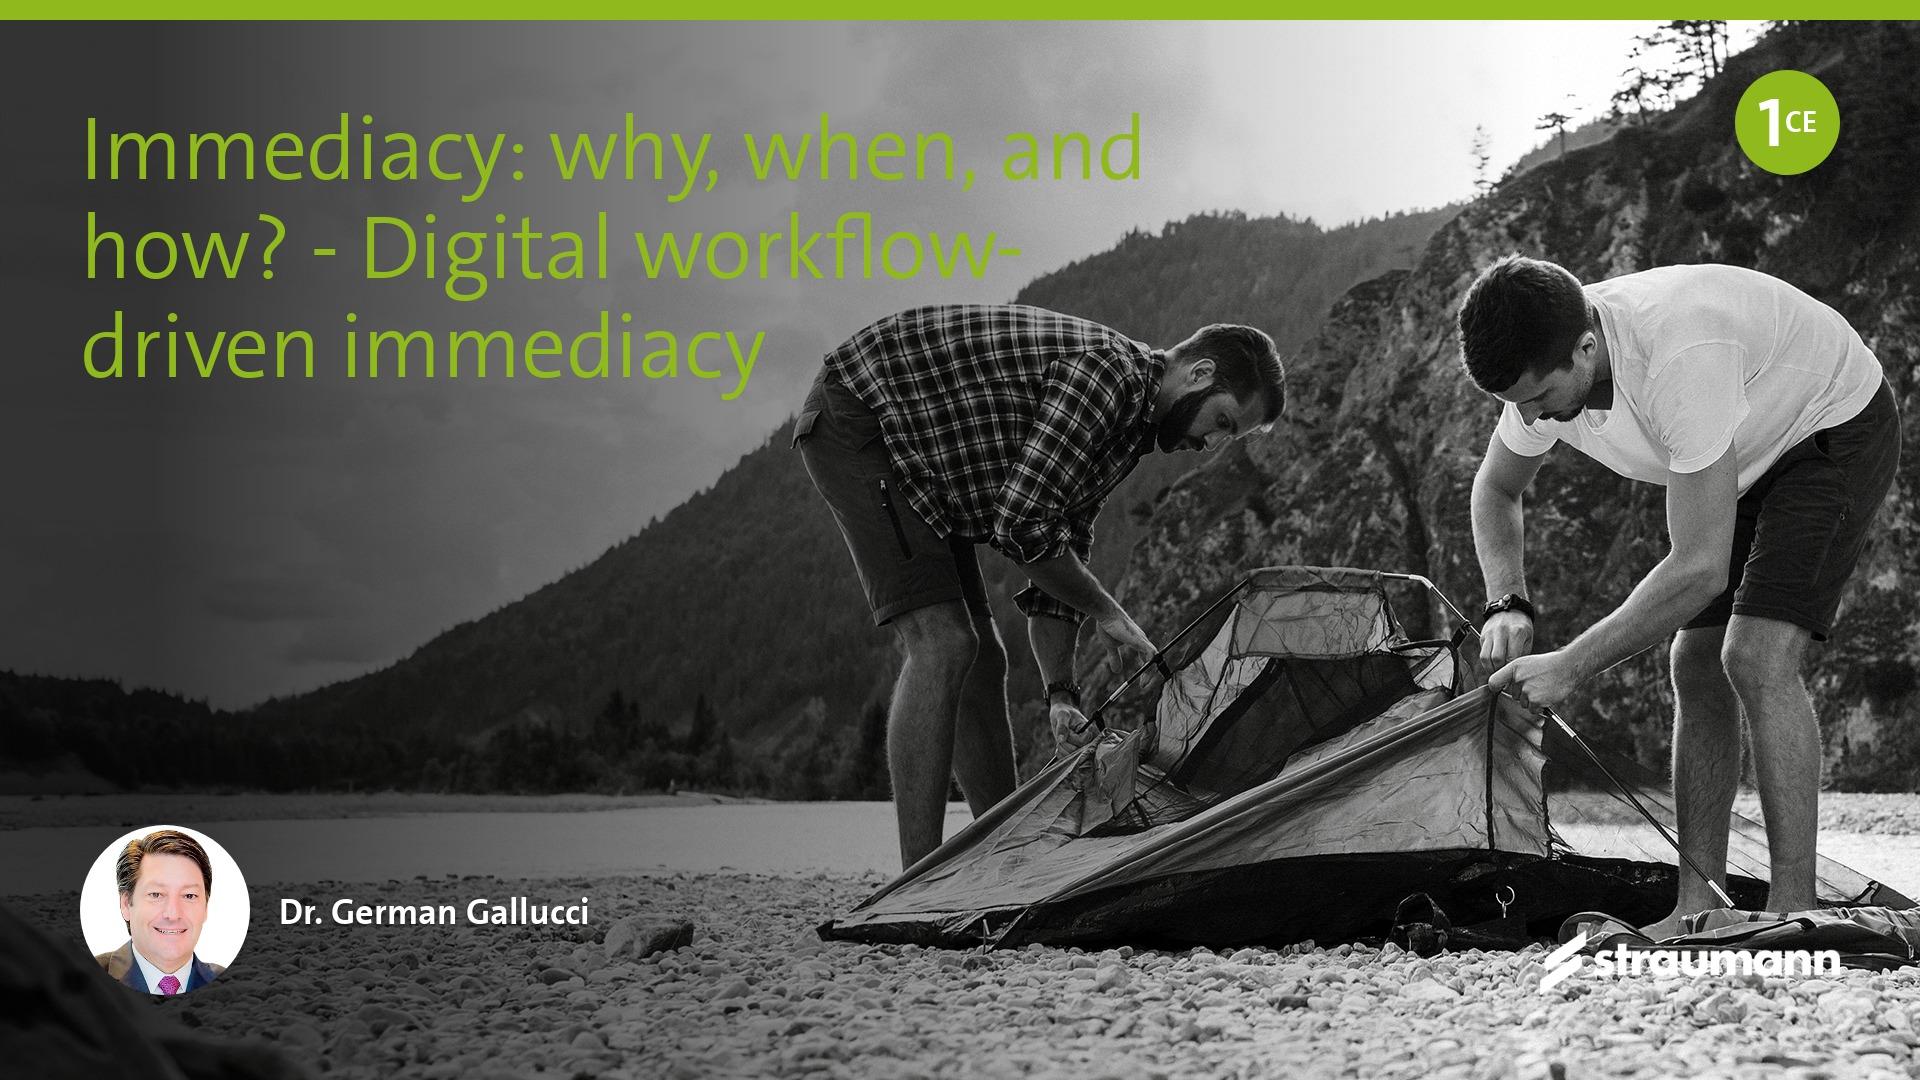 Digital workflow-driven immediacy